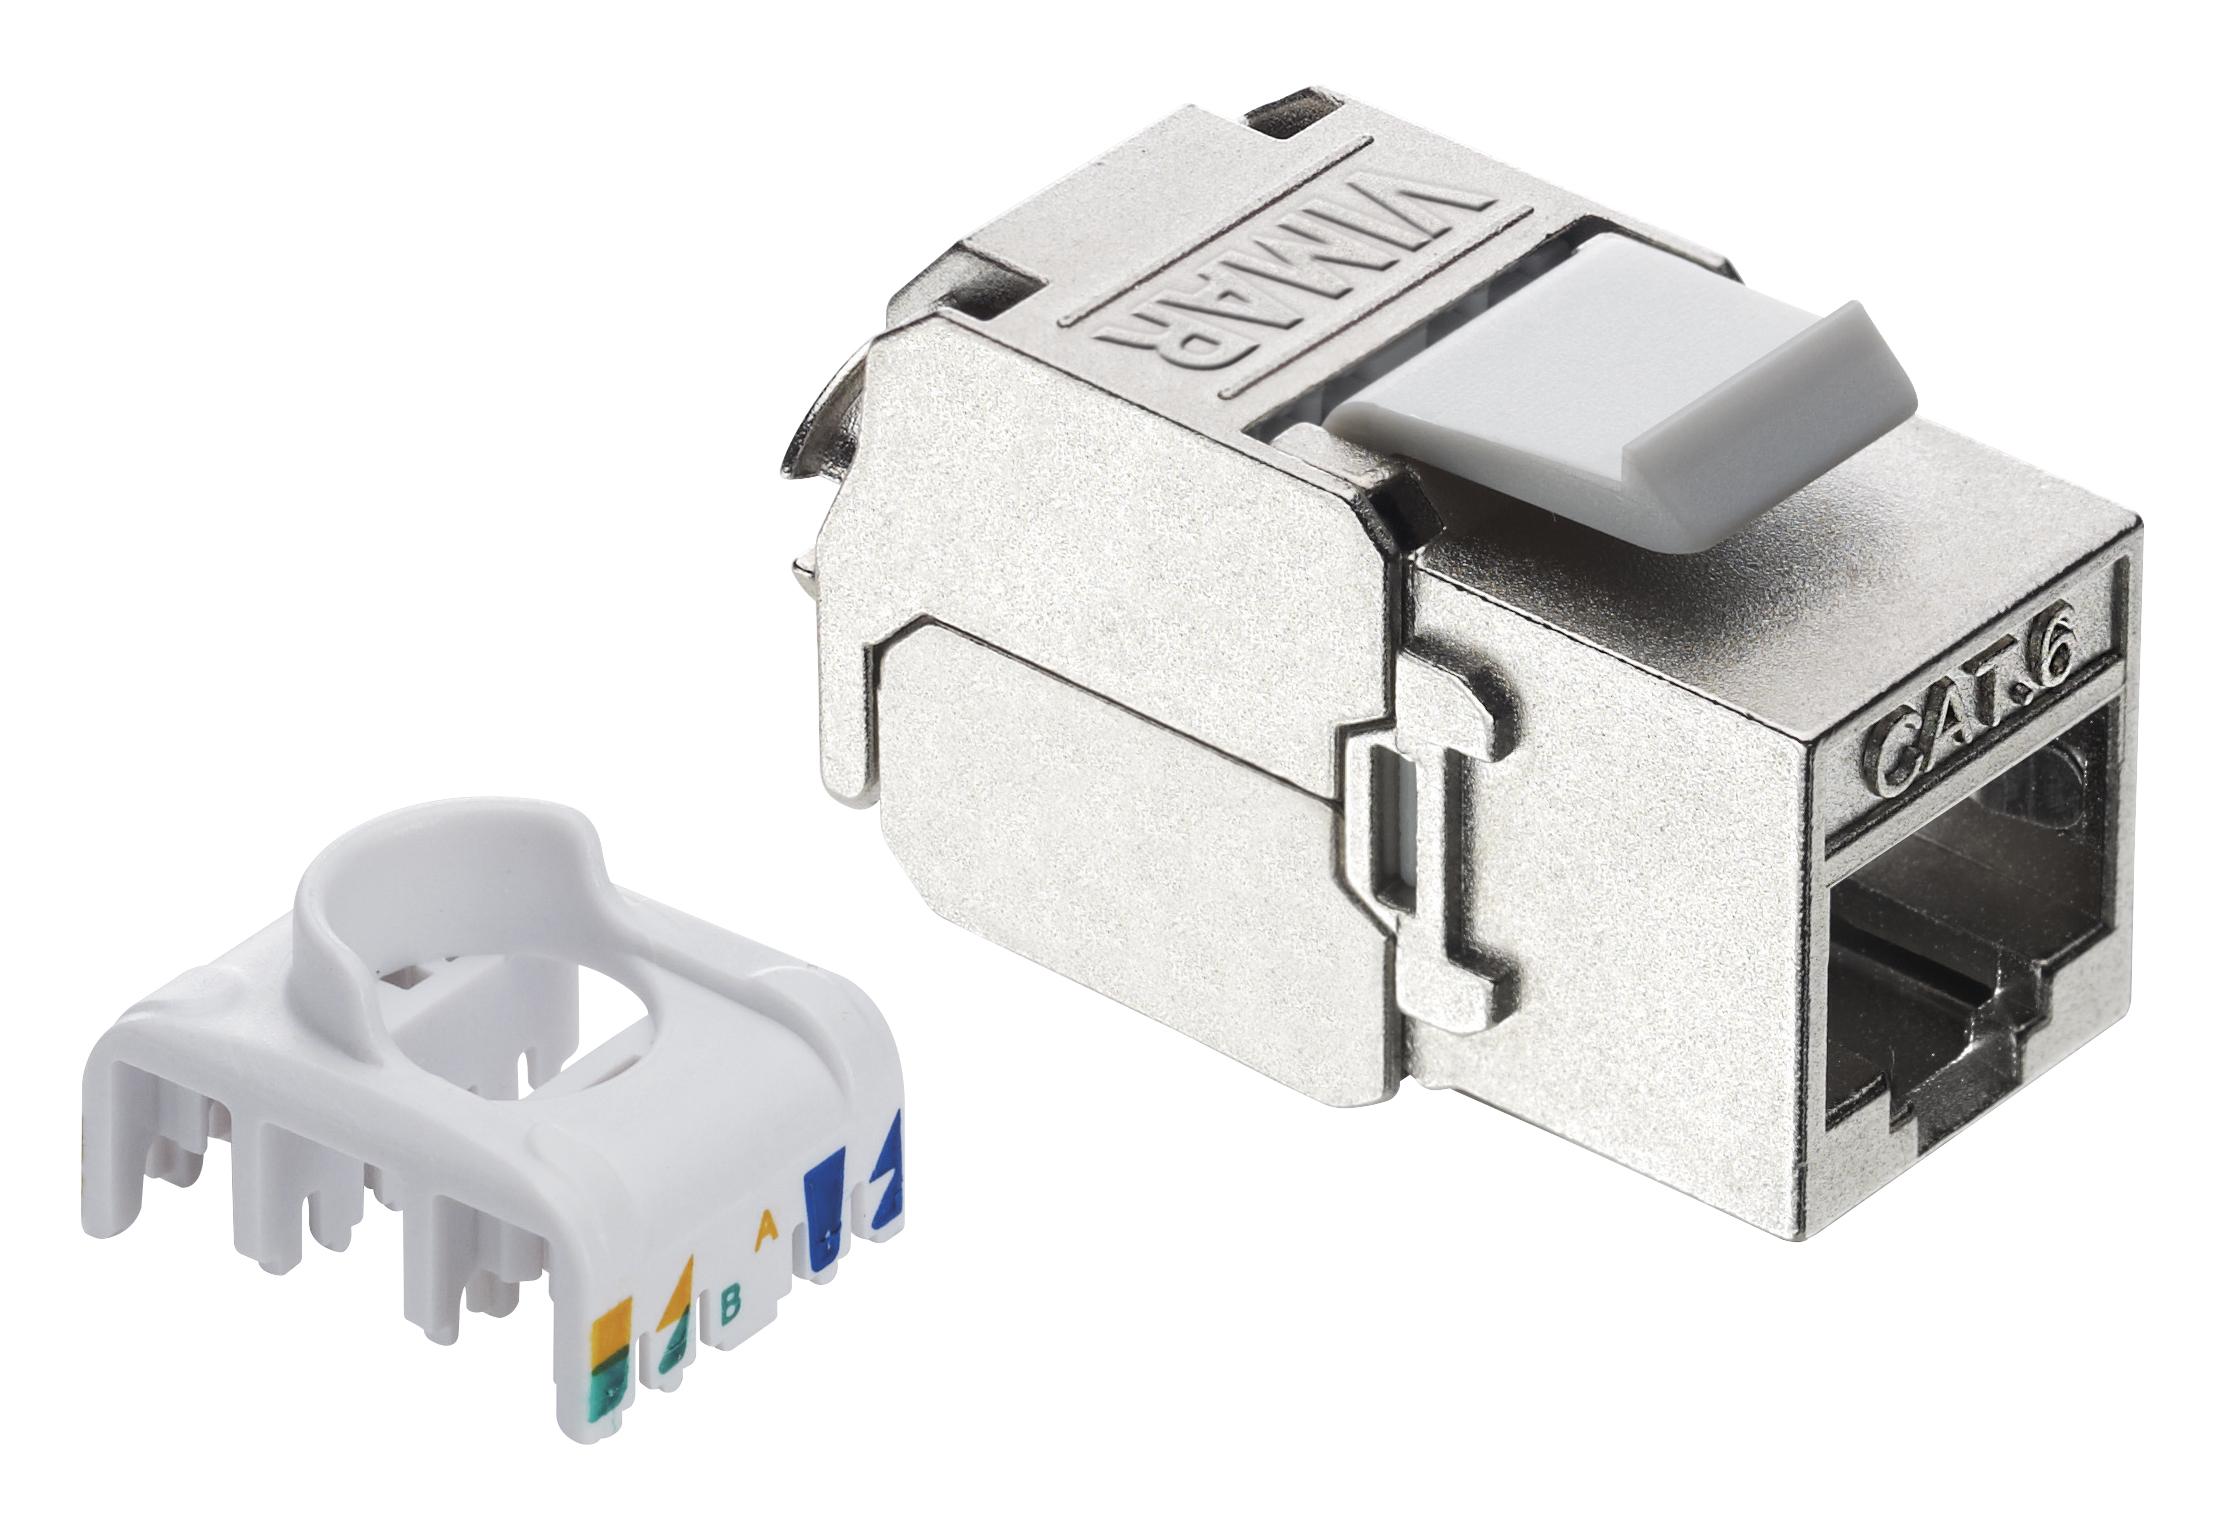 Schema Cablaggio Rj45 Cat 6 : Catalogo prodotti prese di segnale rj edp connettore rj